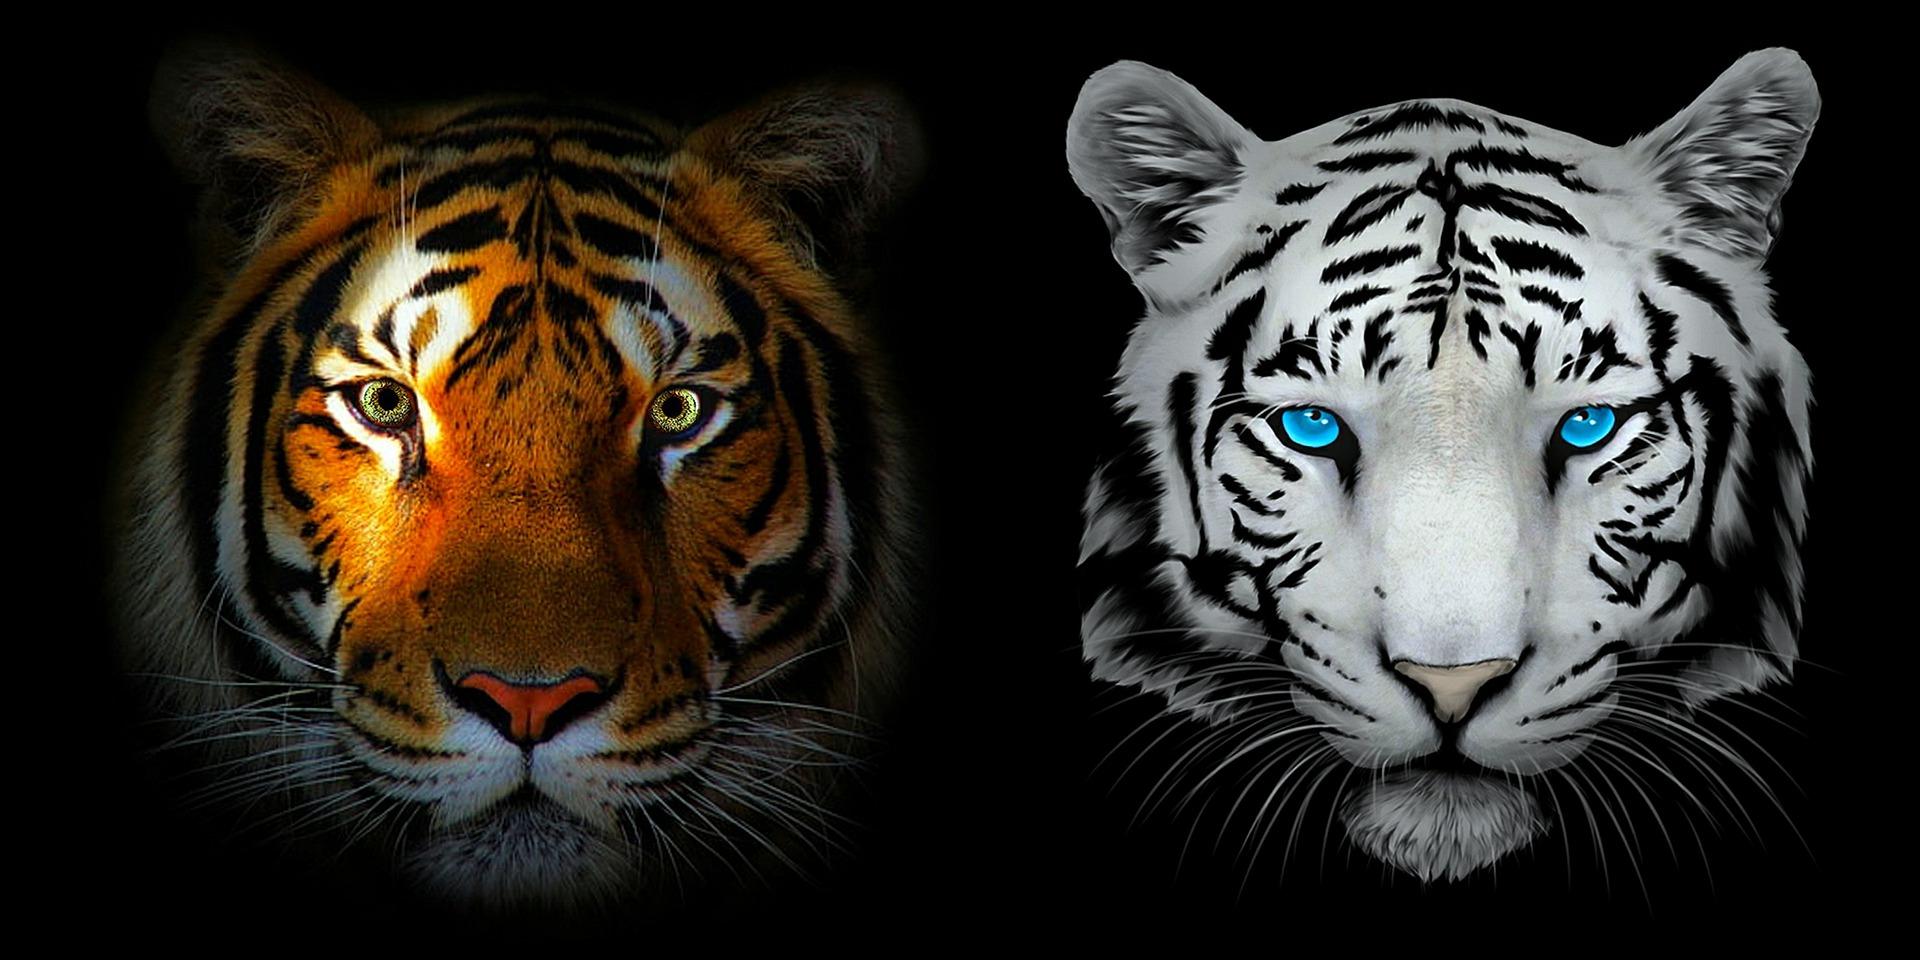 tigers 5681681 1920